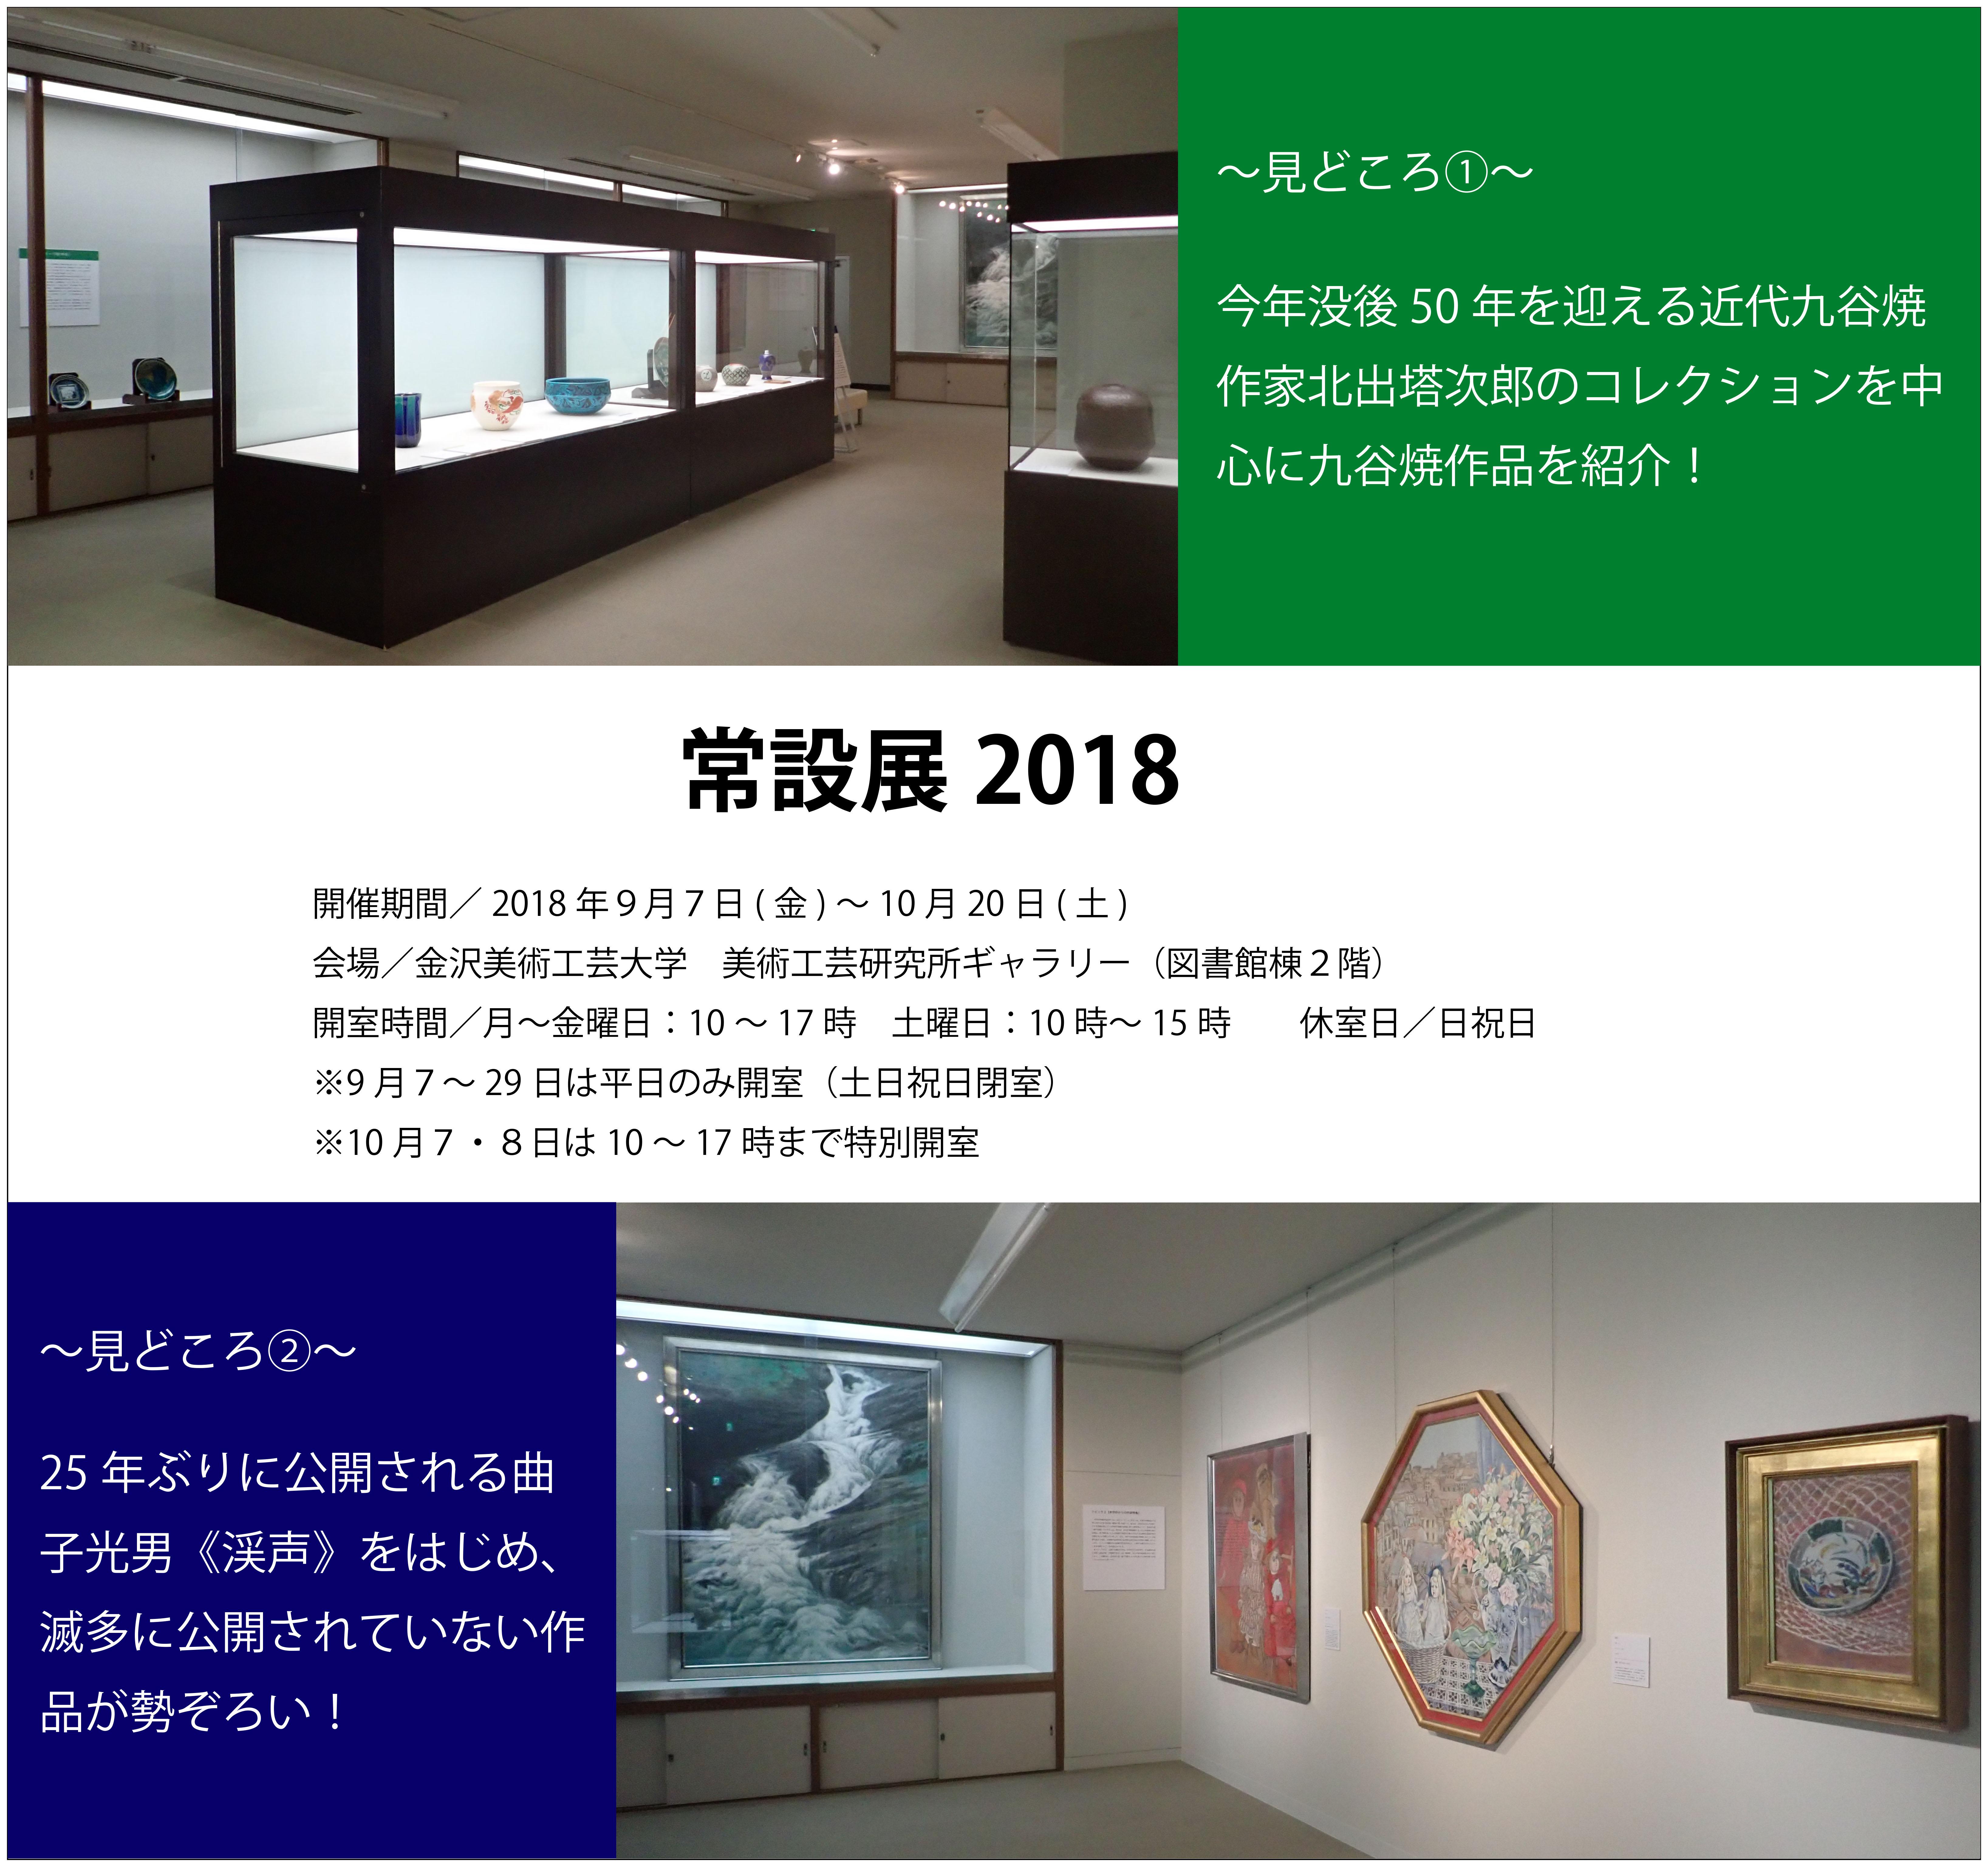 【美術工芸研究所ギャラリー】常設展が開催中です(更新日:2018/10/01)